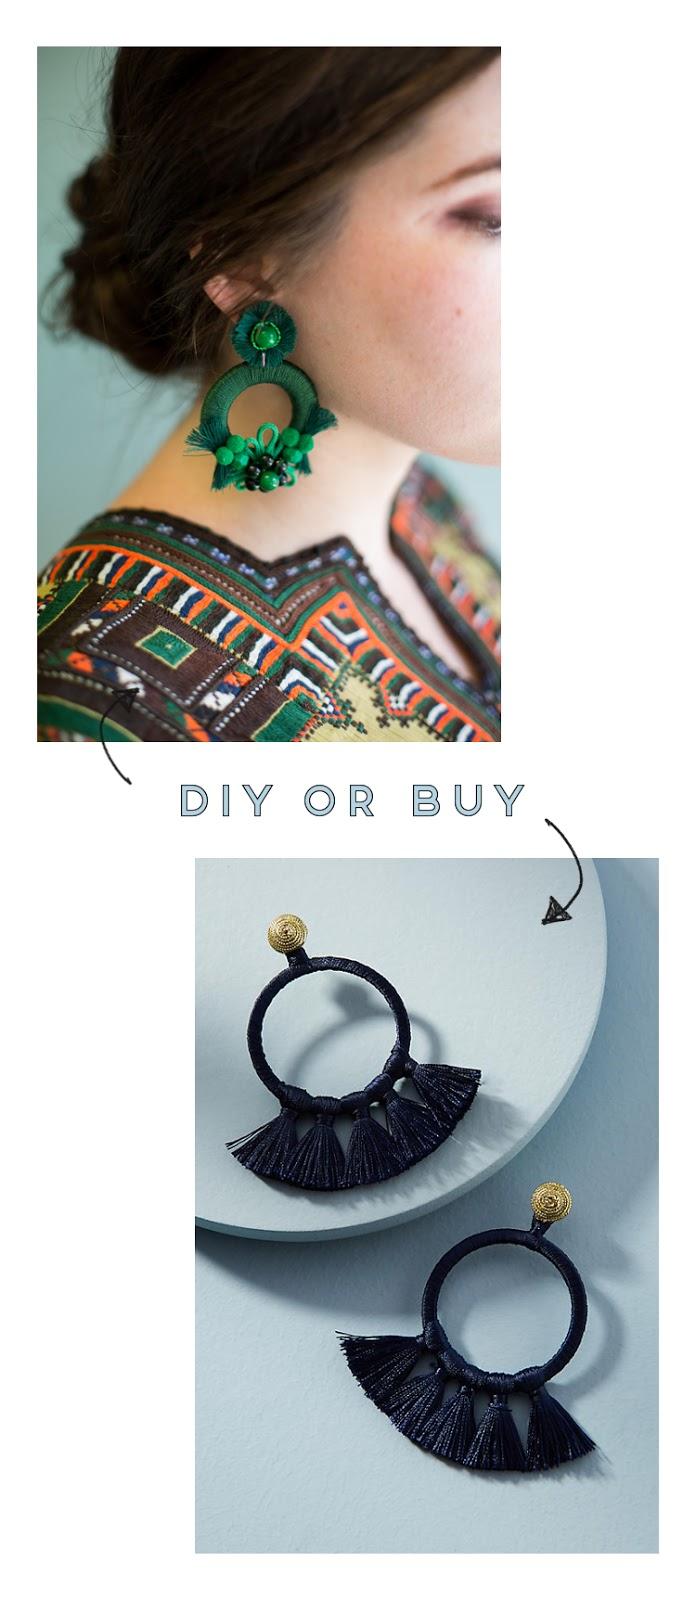 DIY OR BUY